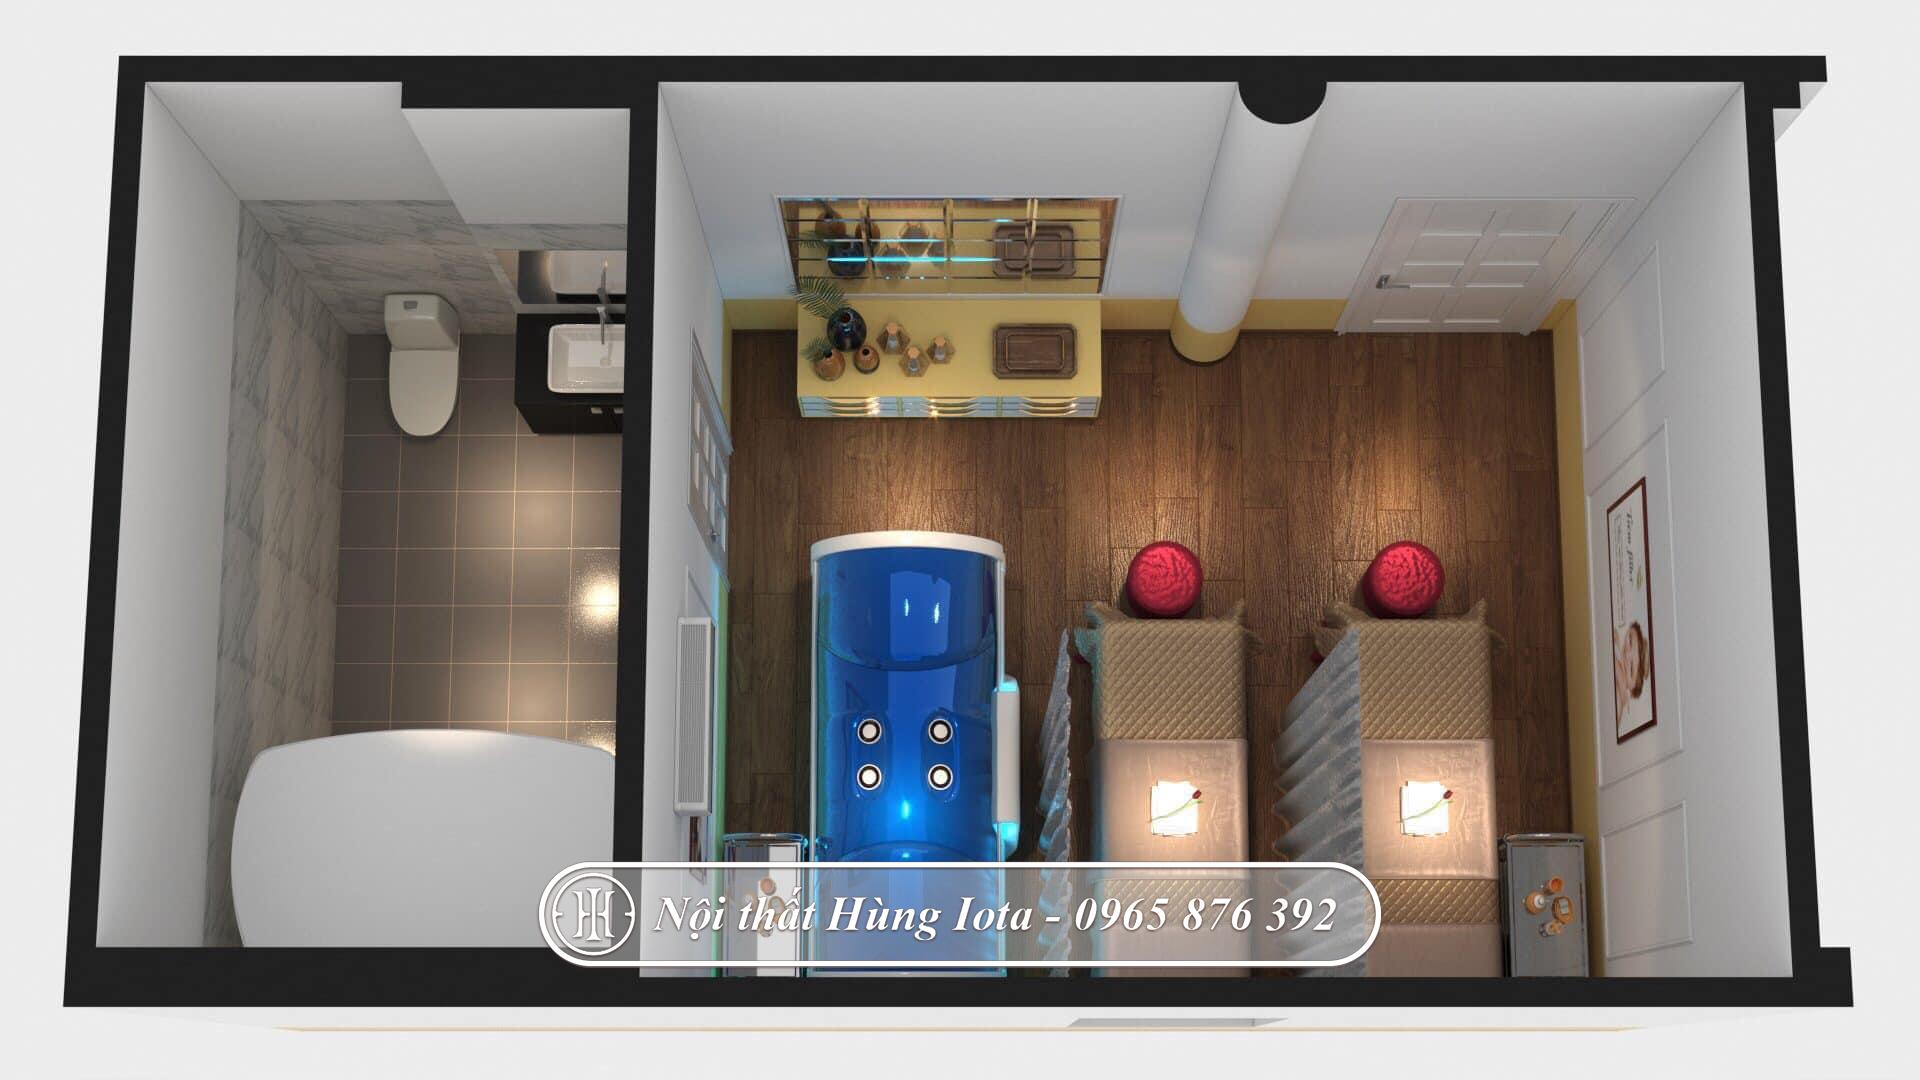 Thiết kế nội thất phòng massage body, phòng tắm trắng và xông hơi